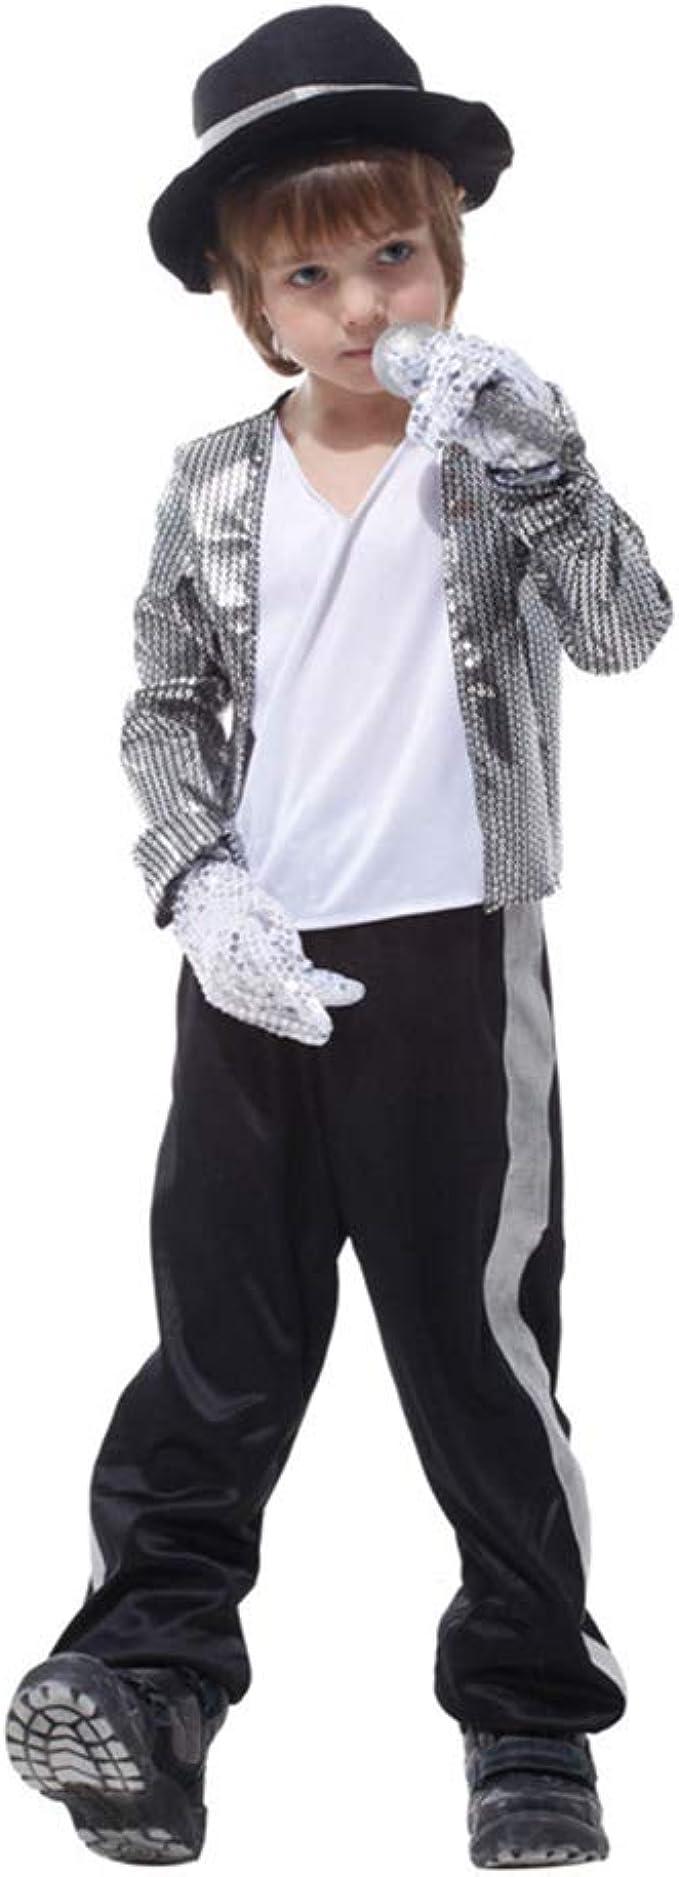 LJA Niños Niños Michael Jackson Cosplay Disfraz Día de los niños ...